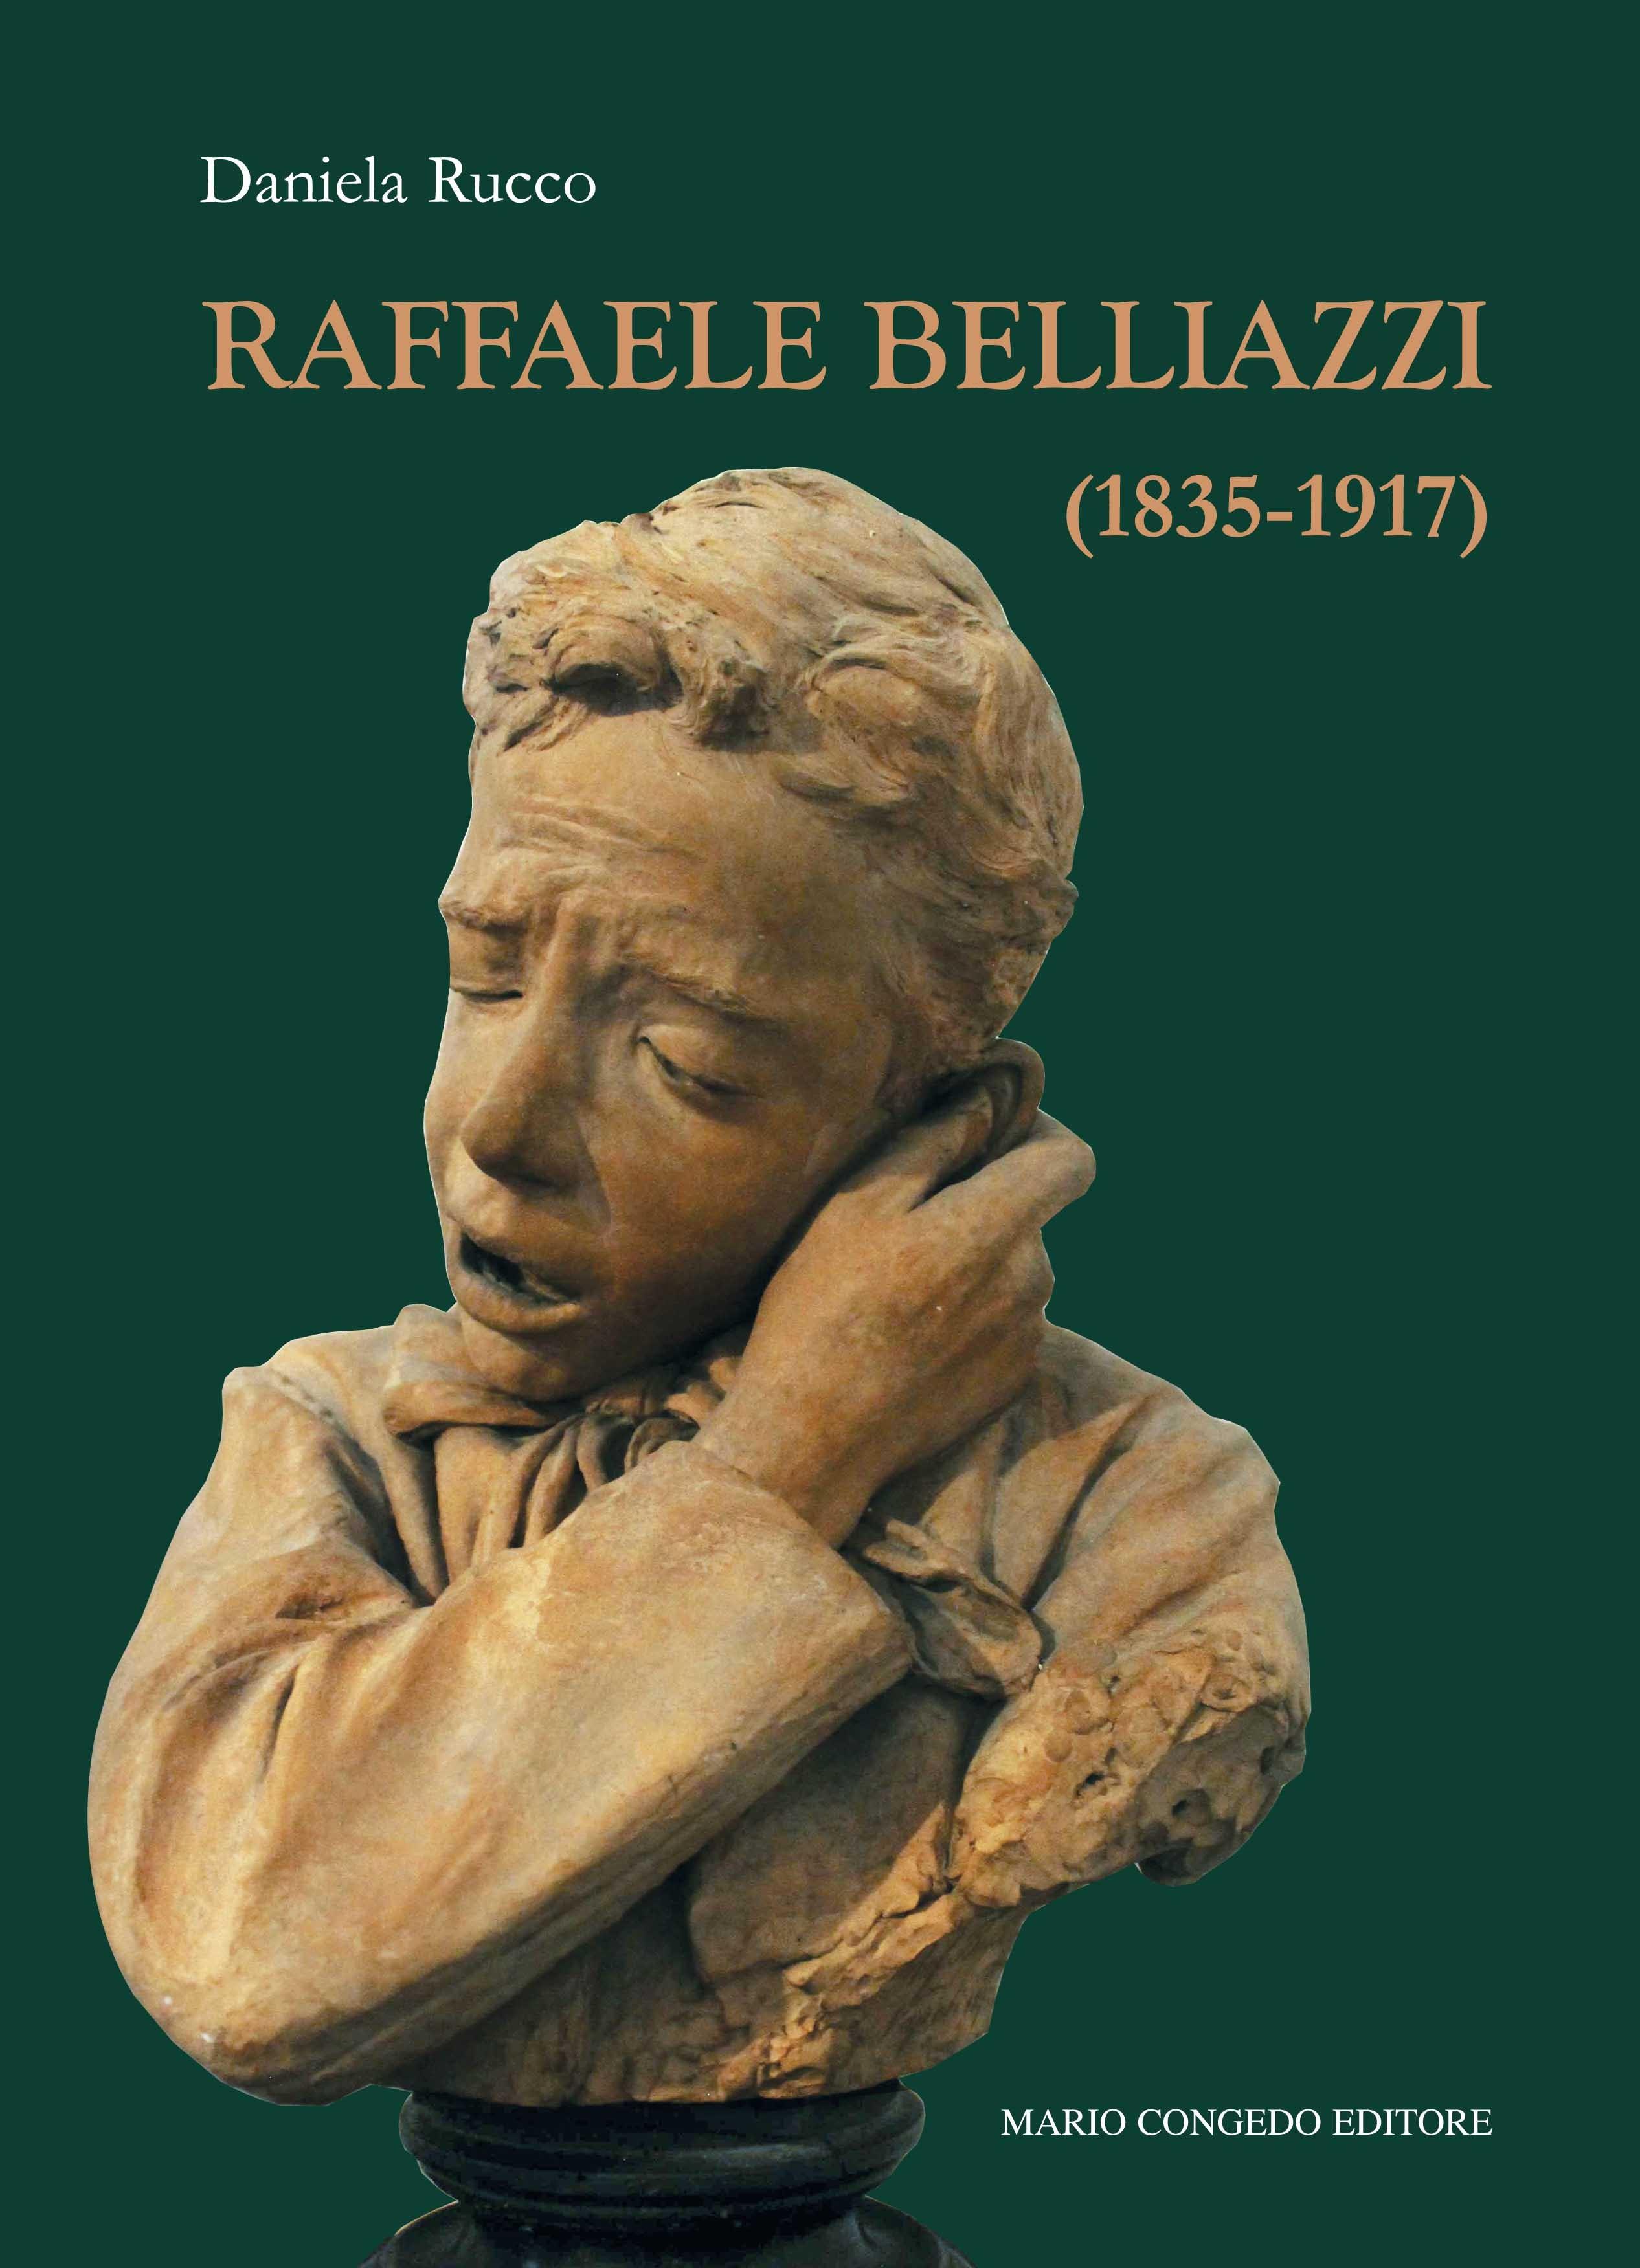 Raffaele Belliazzi (1835-1917)